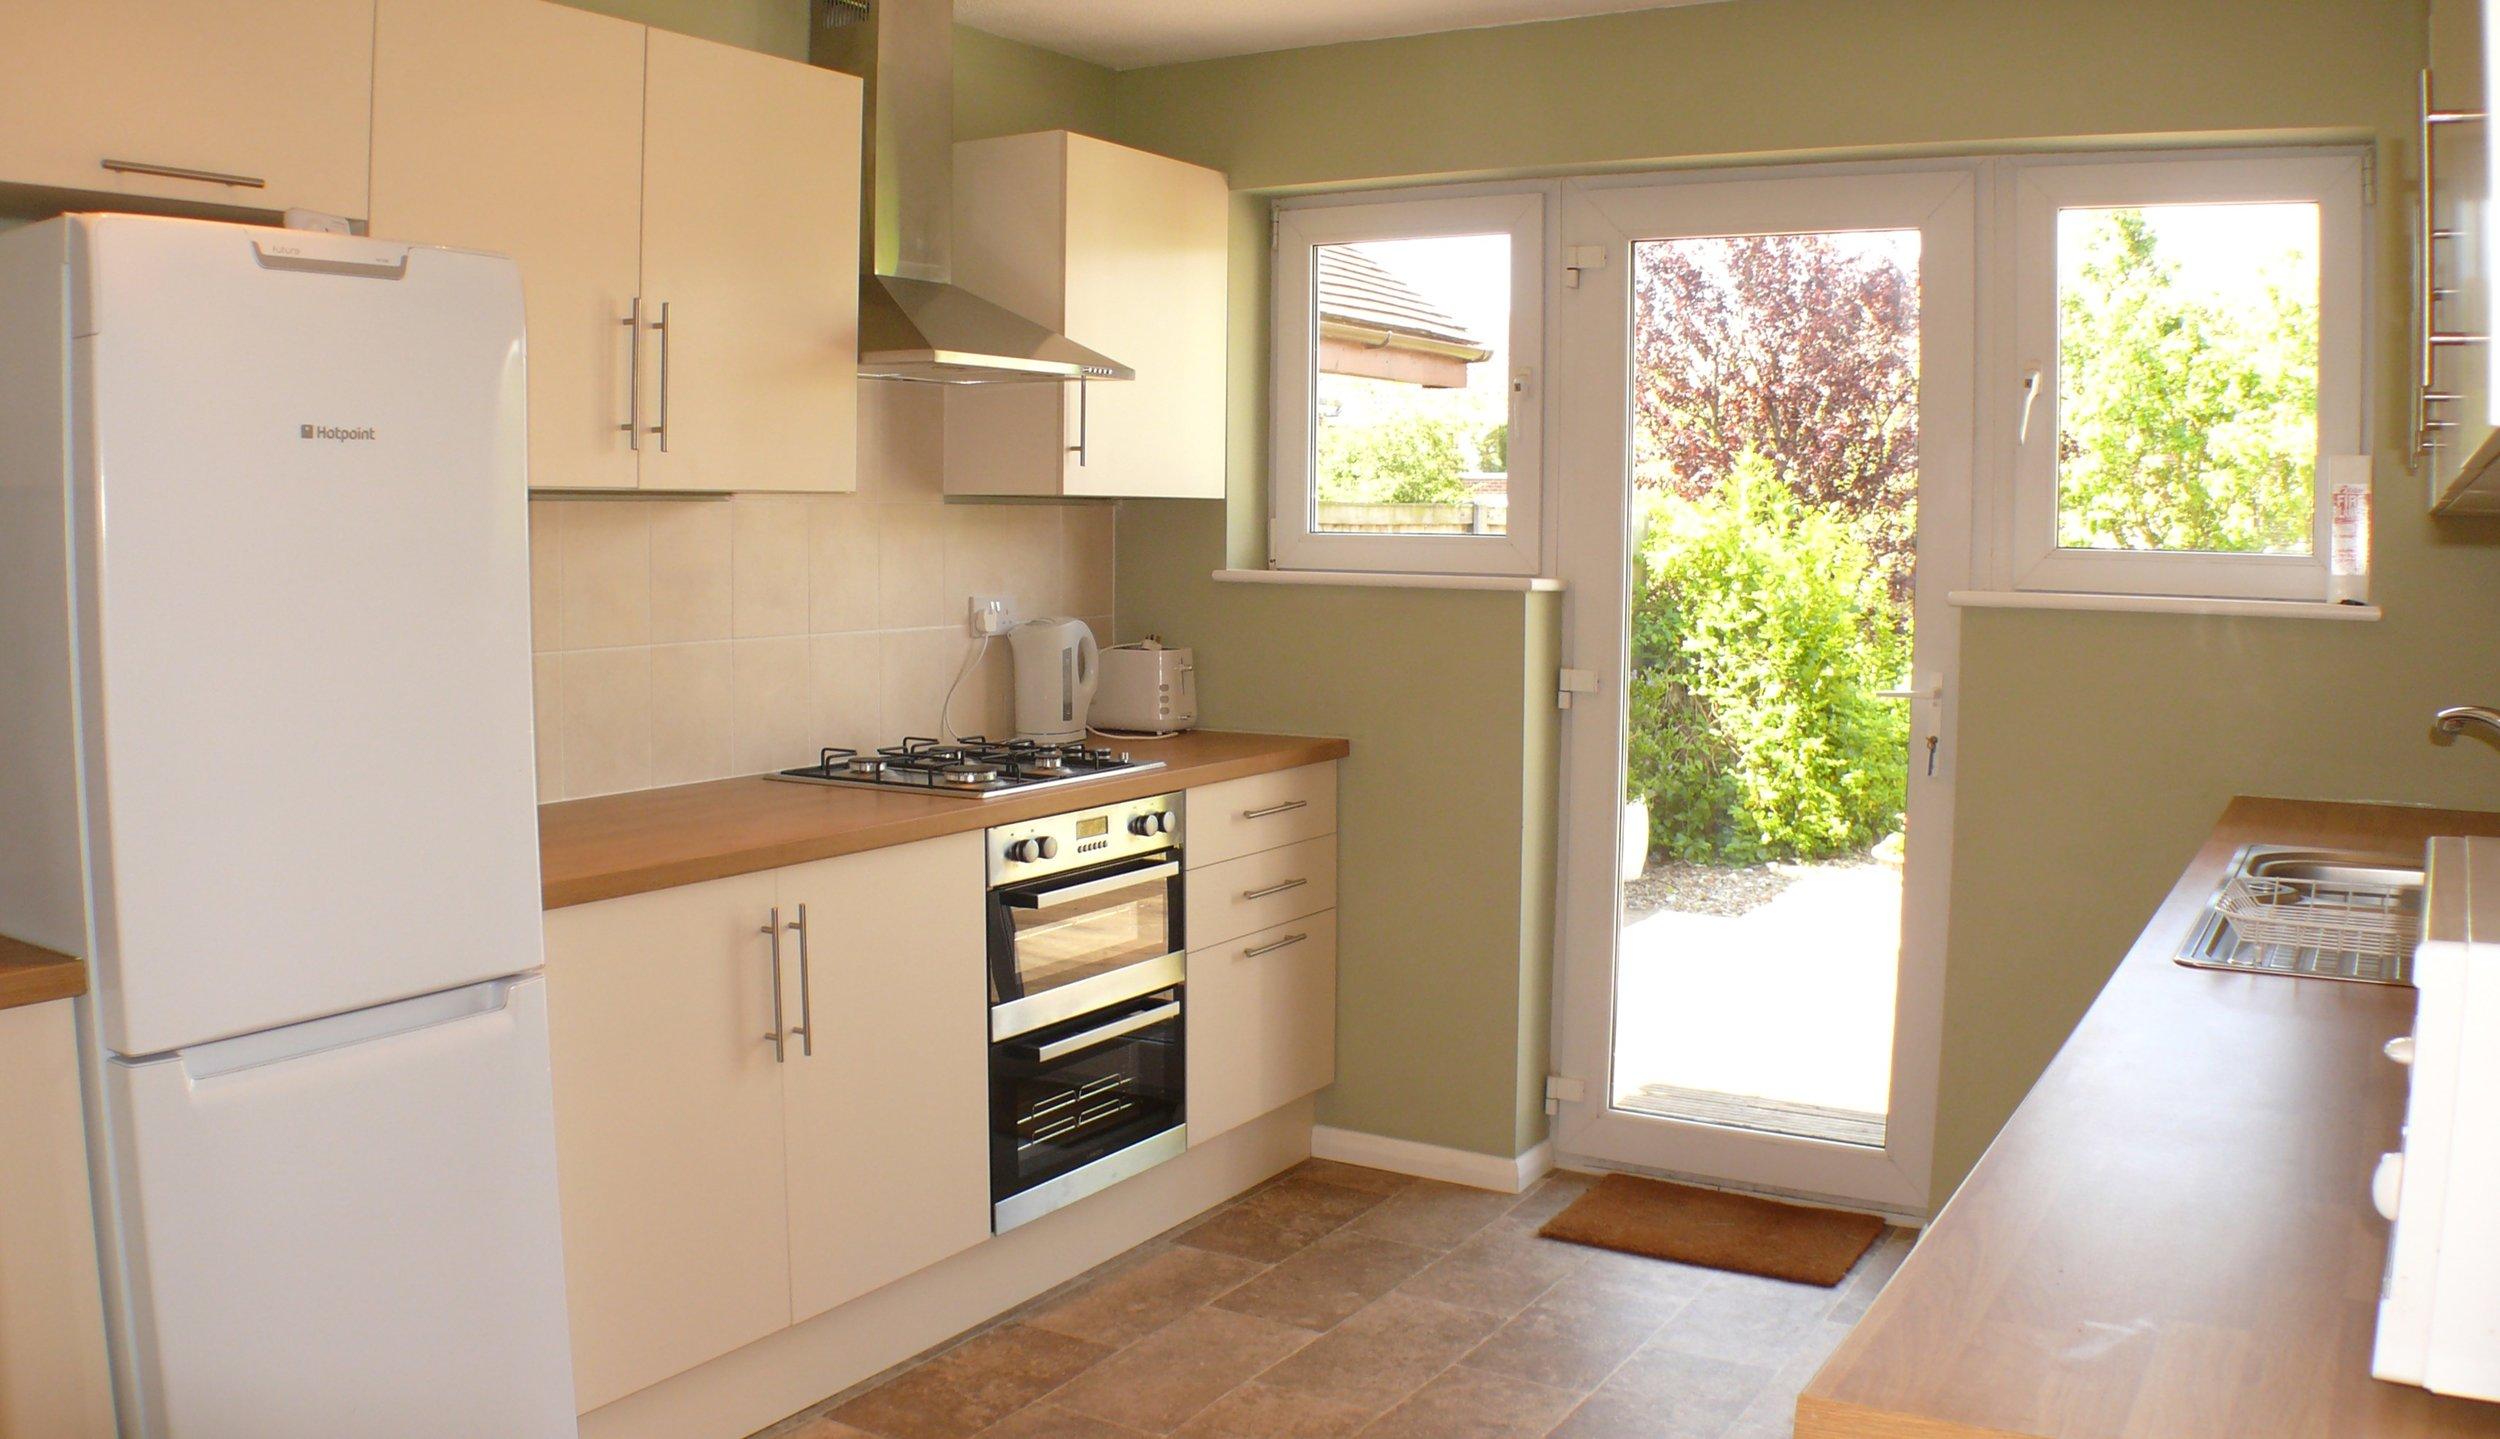 Hodgsons kitchen.jpg